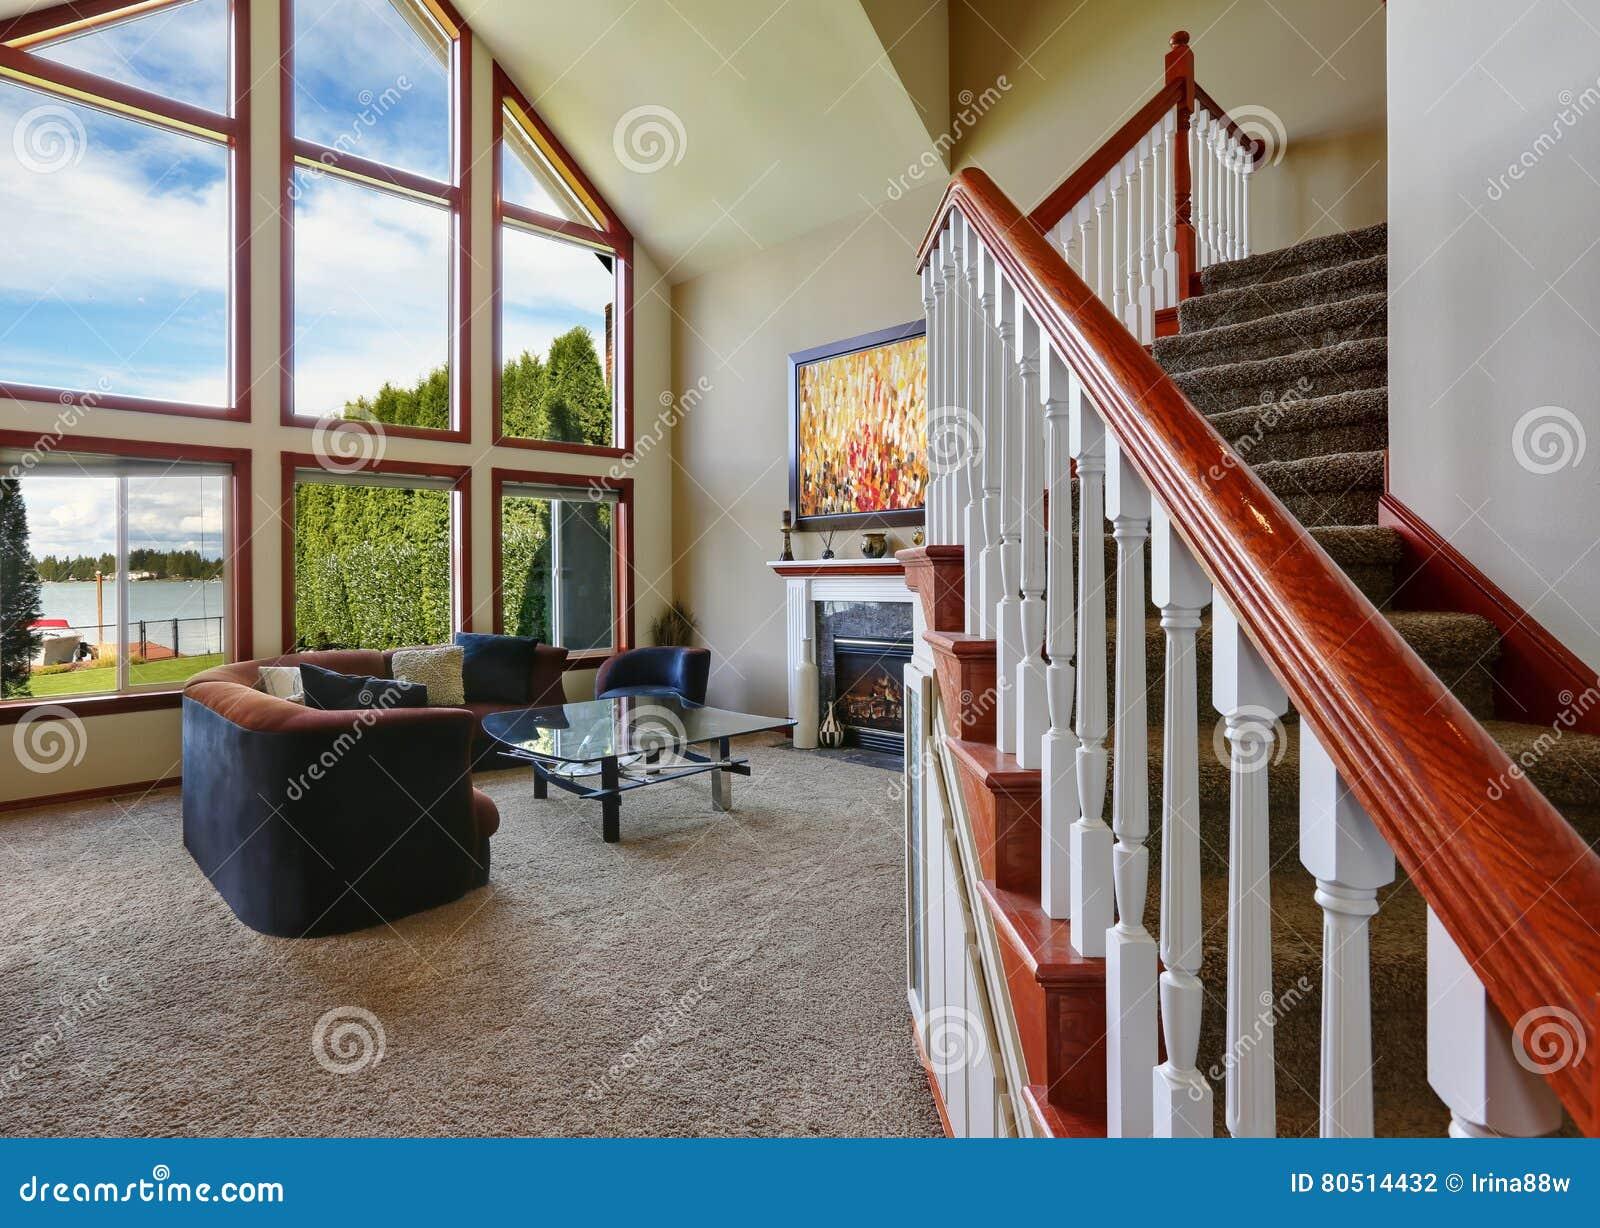 Schommelstoel Aan Het Plafond.Amerikaanse Woonkamer Met Hoge Gewelfde Plafond En